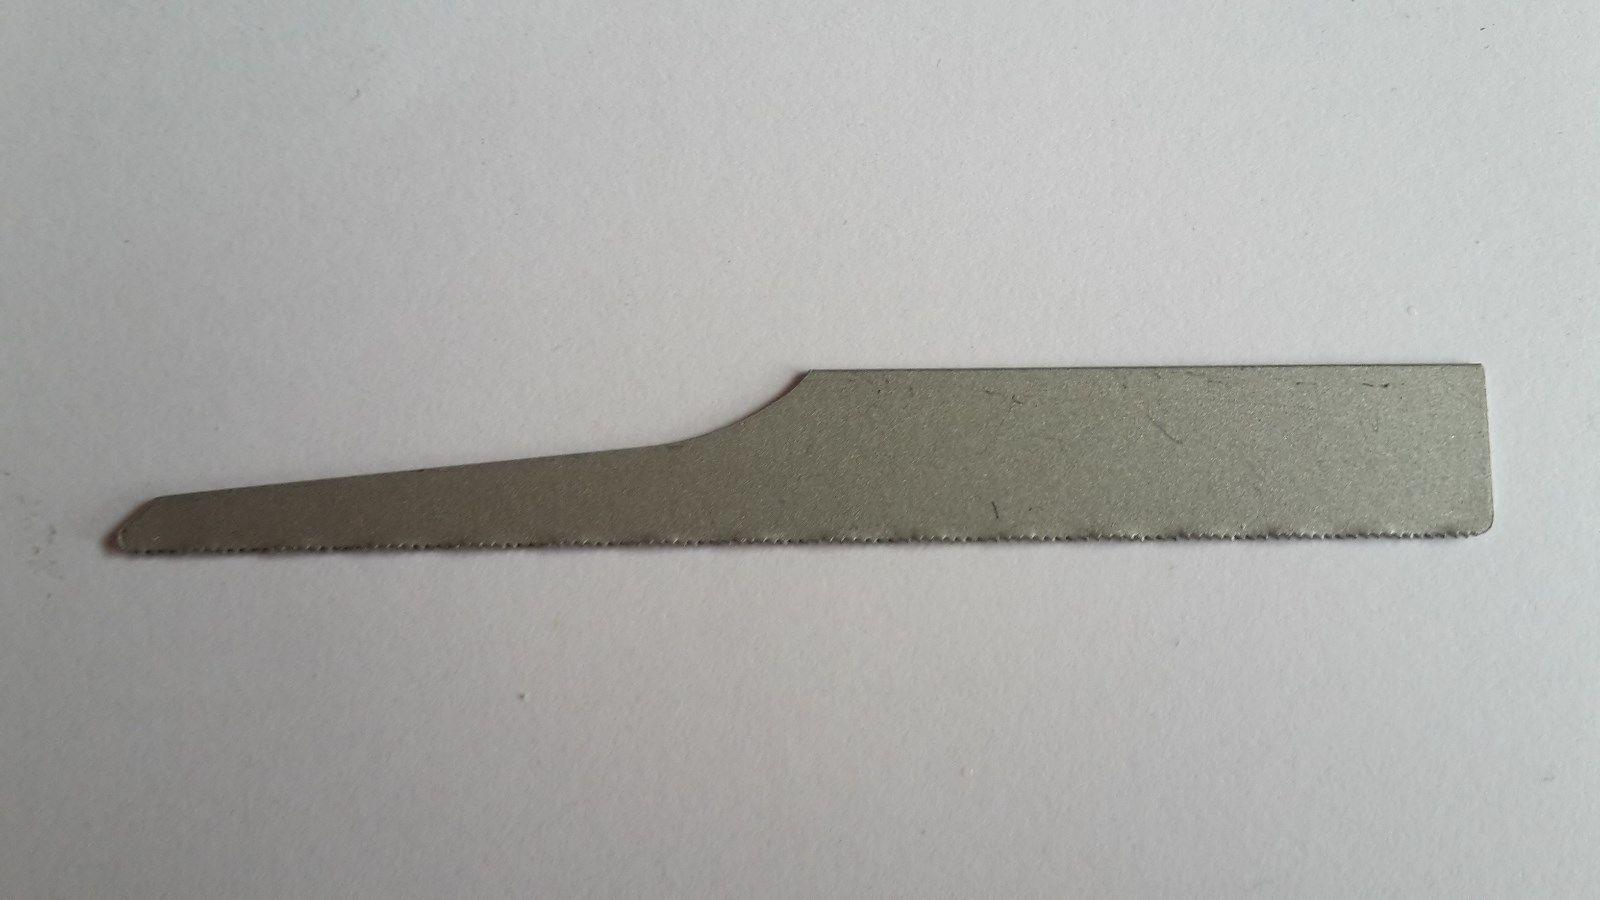 Sägeblatt für Druckluft Karosseriesäge